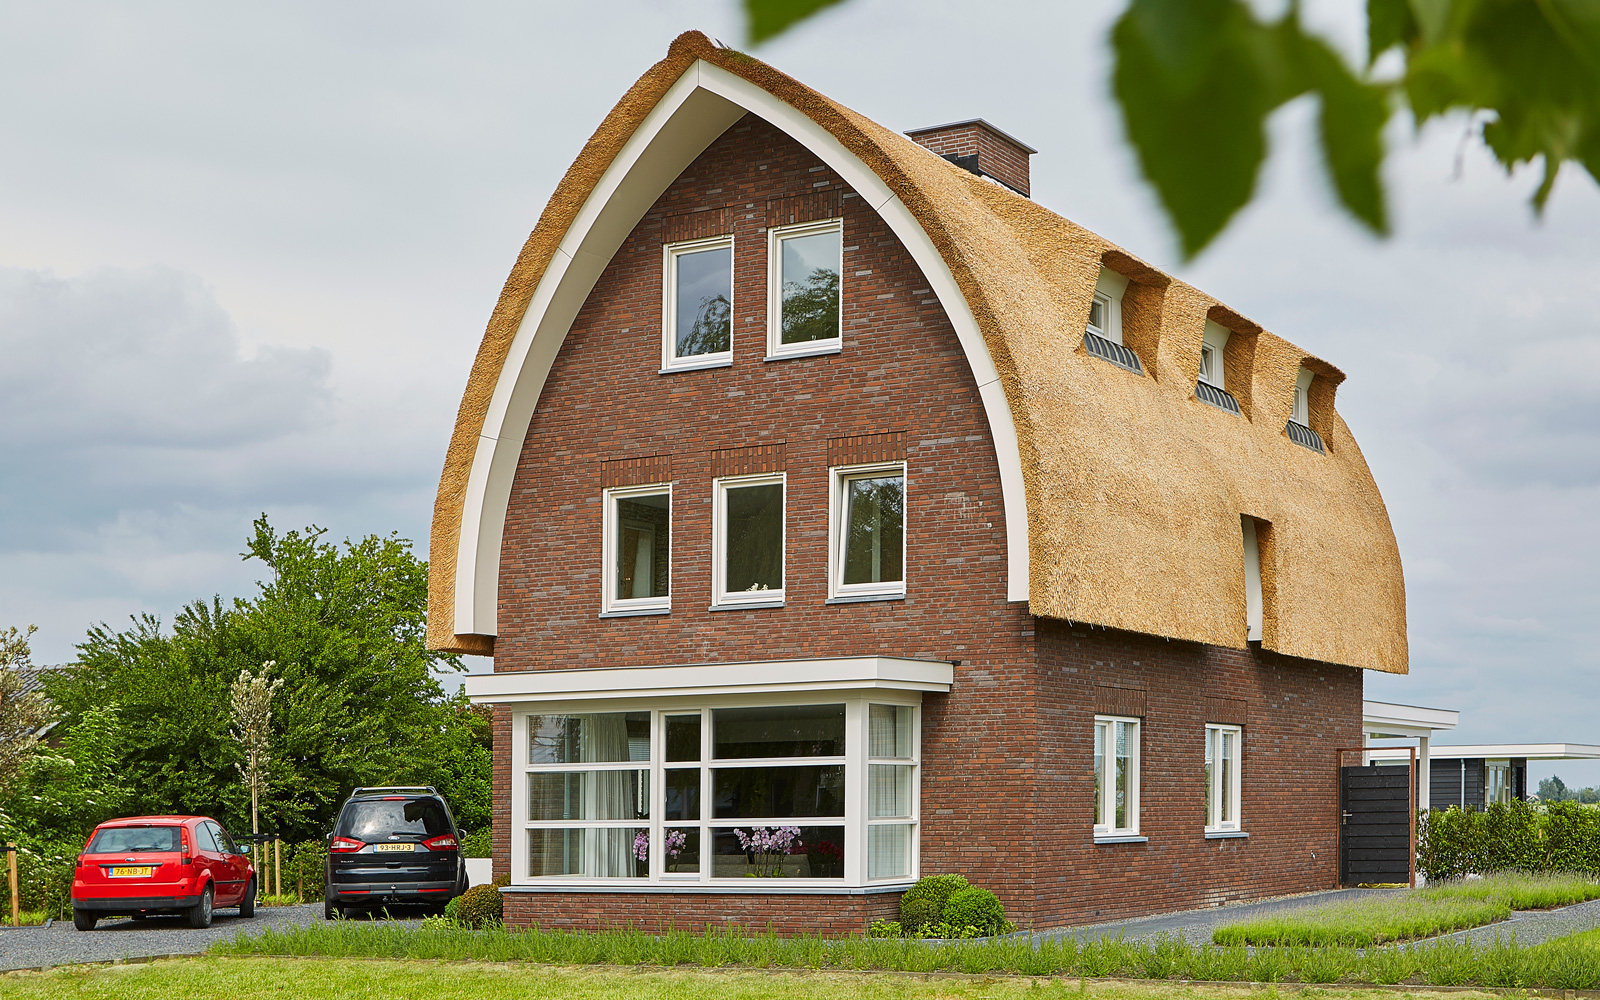 Rietdekkersbedrijf 't Ambacht staat voor kwaliteit en vakmanschap, wat aan deze kap zeker terug te zien is.